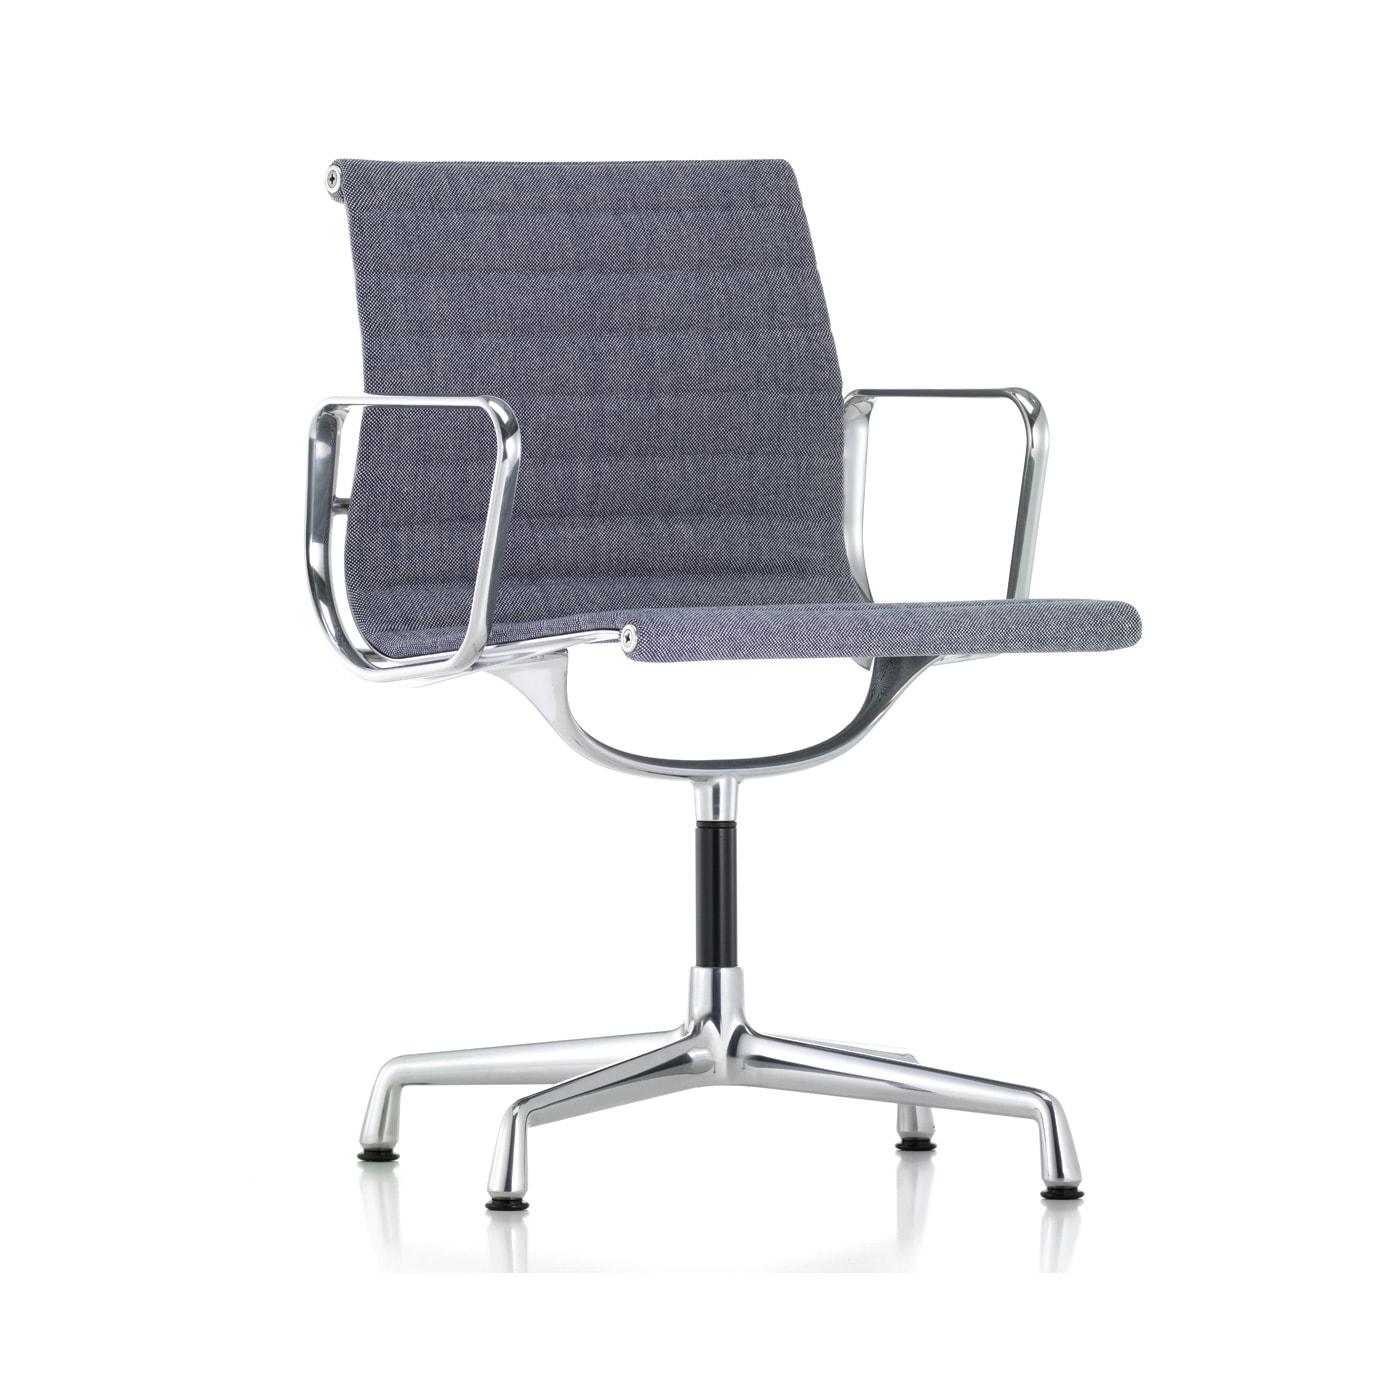 VITRA Aluminium Chair 104